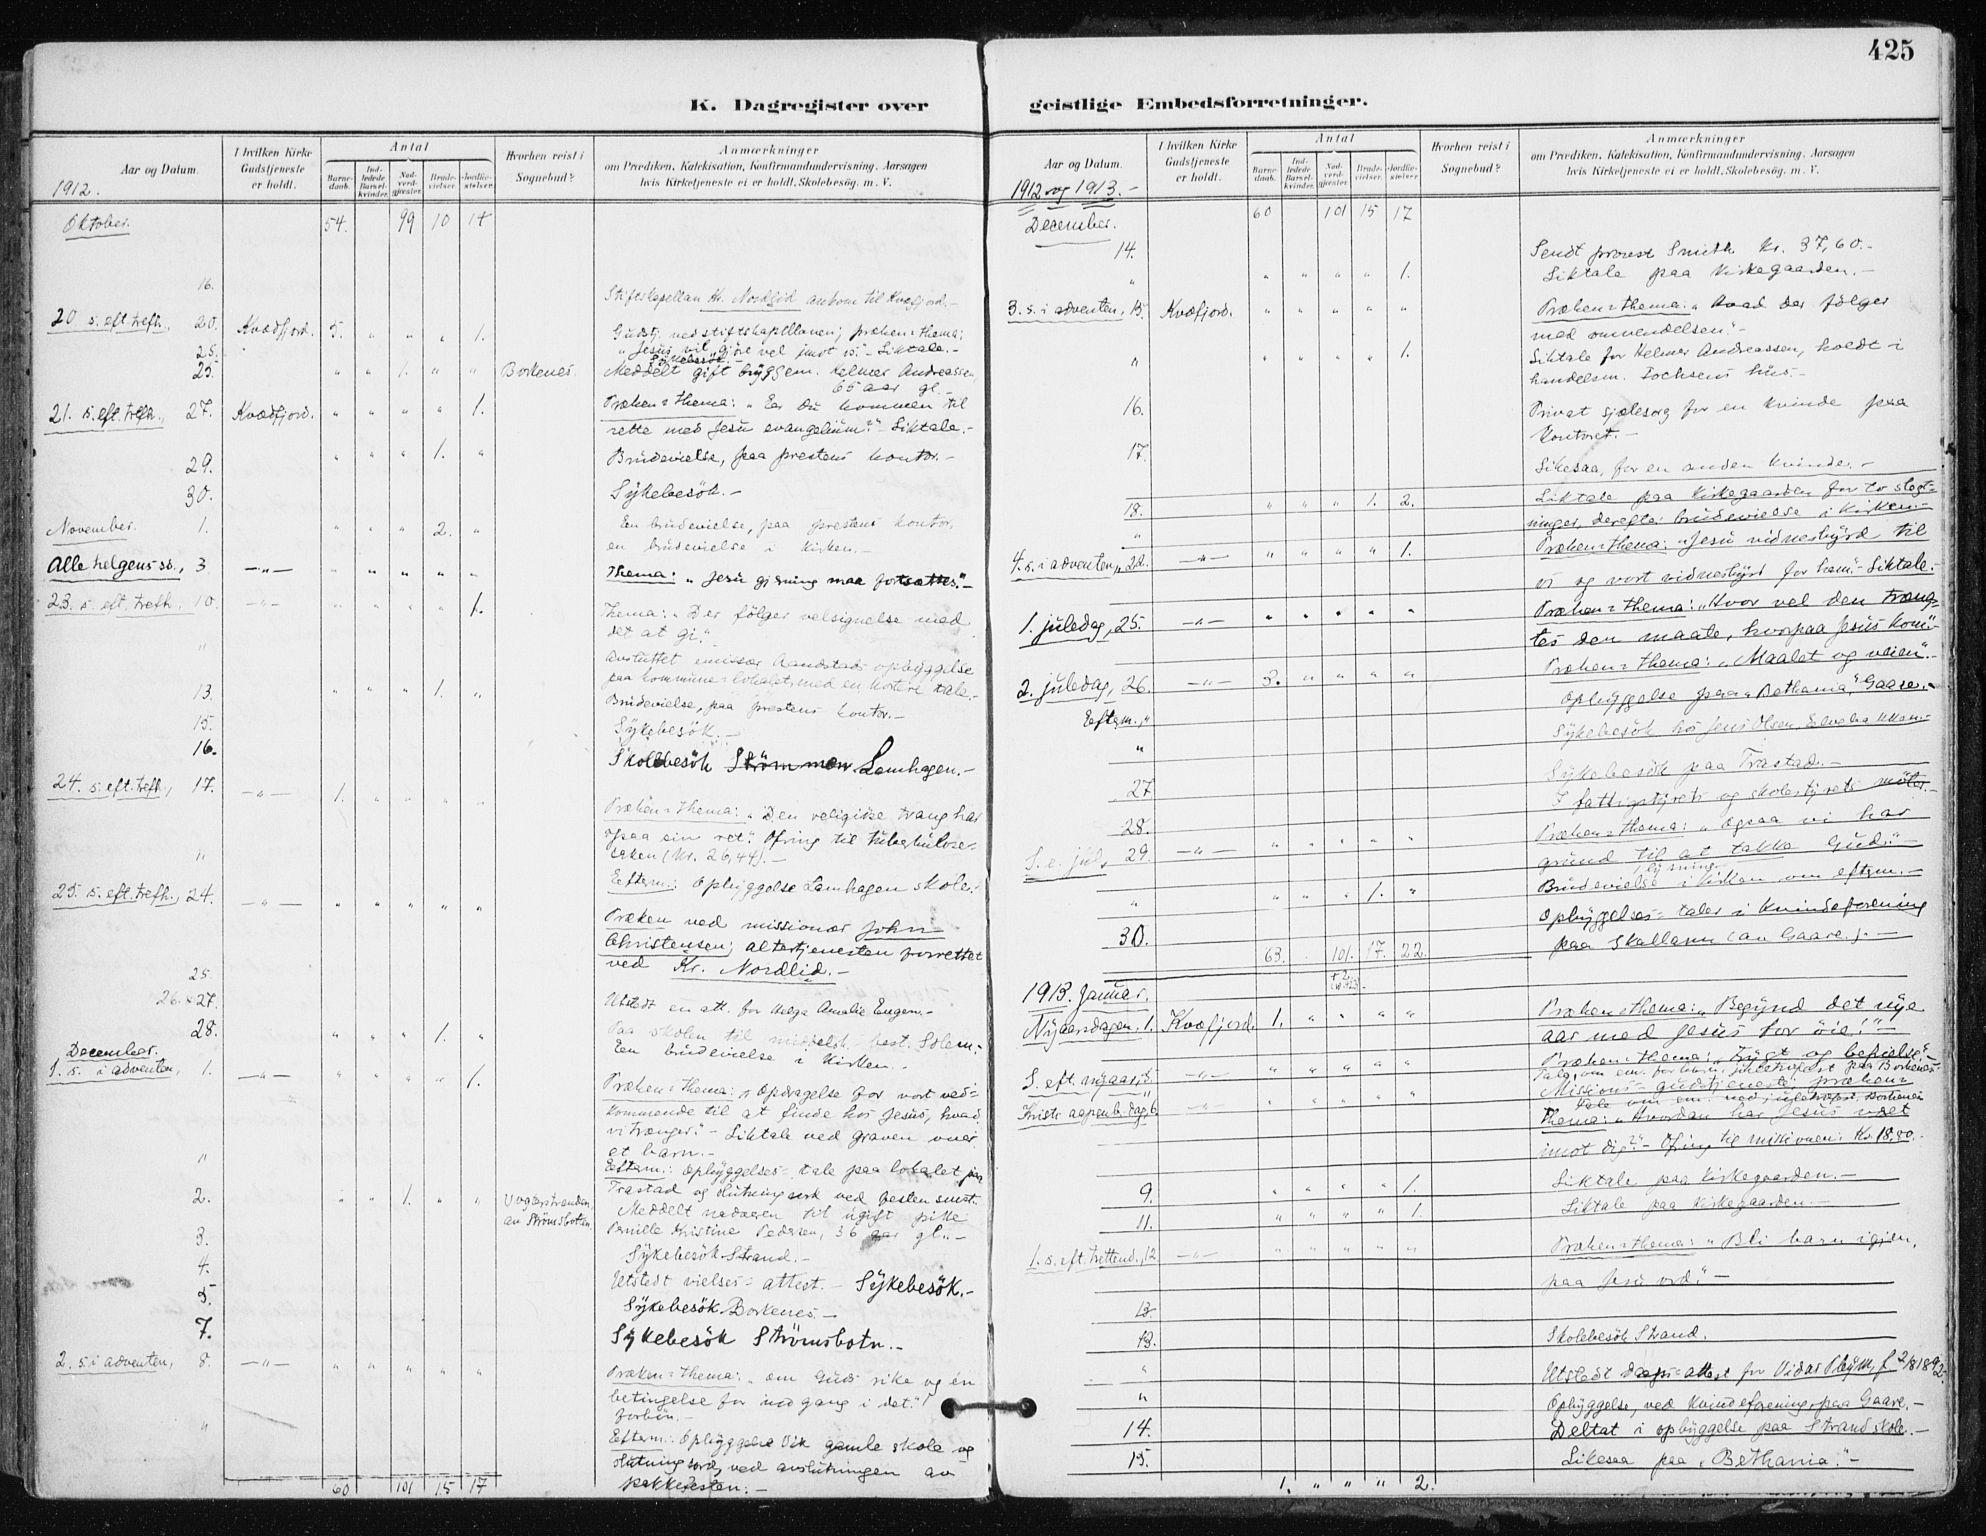 SATØ, Kvæfjord sokneprestkontor, G/Ga/Gaa/L0006kirke: Ministerialbok nr. 6, 1895-1914, s. 425